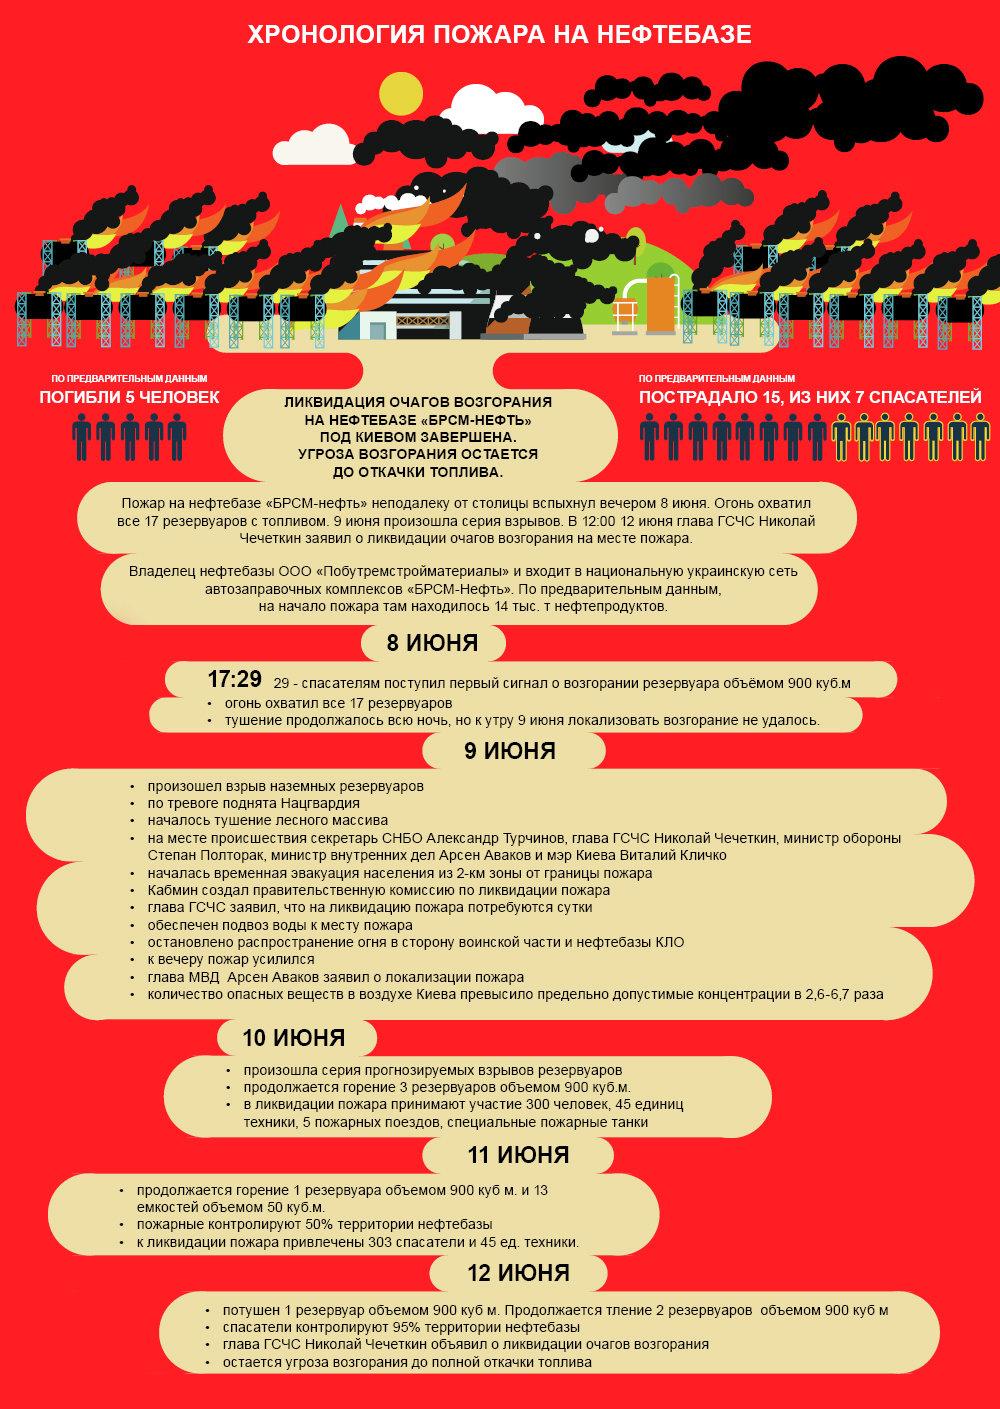 Хронология пожара на нефтебазе под Киевом. Инфографика